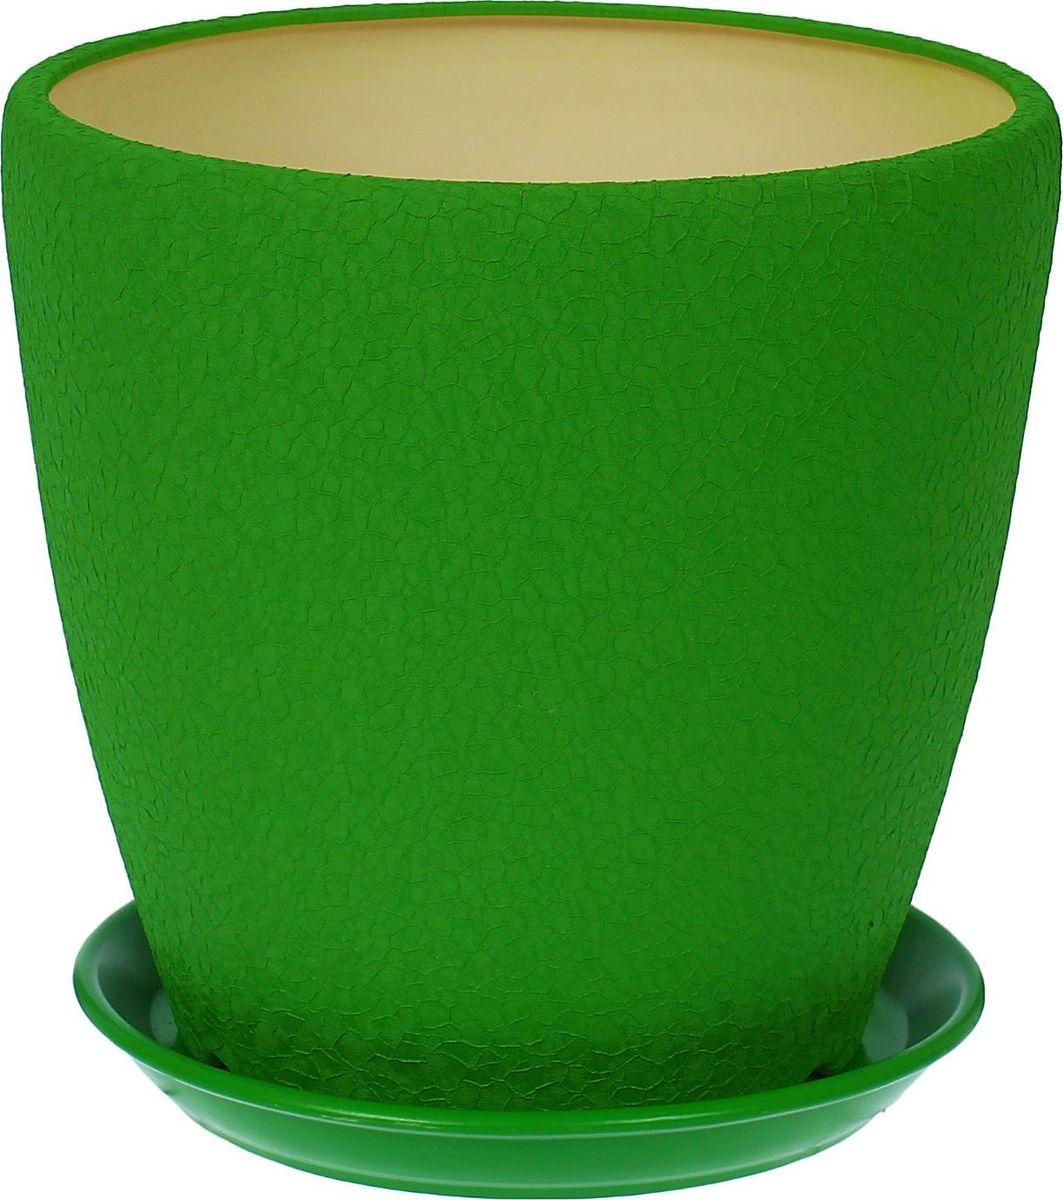 Кашпо Керамика ручной работы Грация, цвет: зеленый, 10 л1309268Комнатные растения - всеобщие любимцы. Они радуют глаз, насыщают помещение кислородом и украшают пространство. Каждому из них необходим свой удобный и красивый дом. Кашпо Грация из керамики прекрасно подходят для высадки растений: пористый материал позволяет испаряться лишней влаге, а воздух, необходимый для дыхания корней, проникает сквозь керамические стенки.Кашпо Грация позаботится о зеленом питомце, освежит интерьер и подчеркнет его стиль.